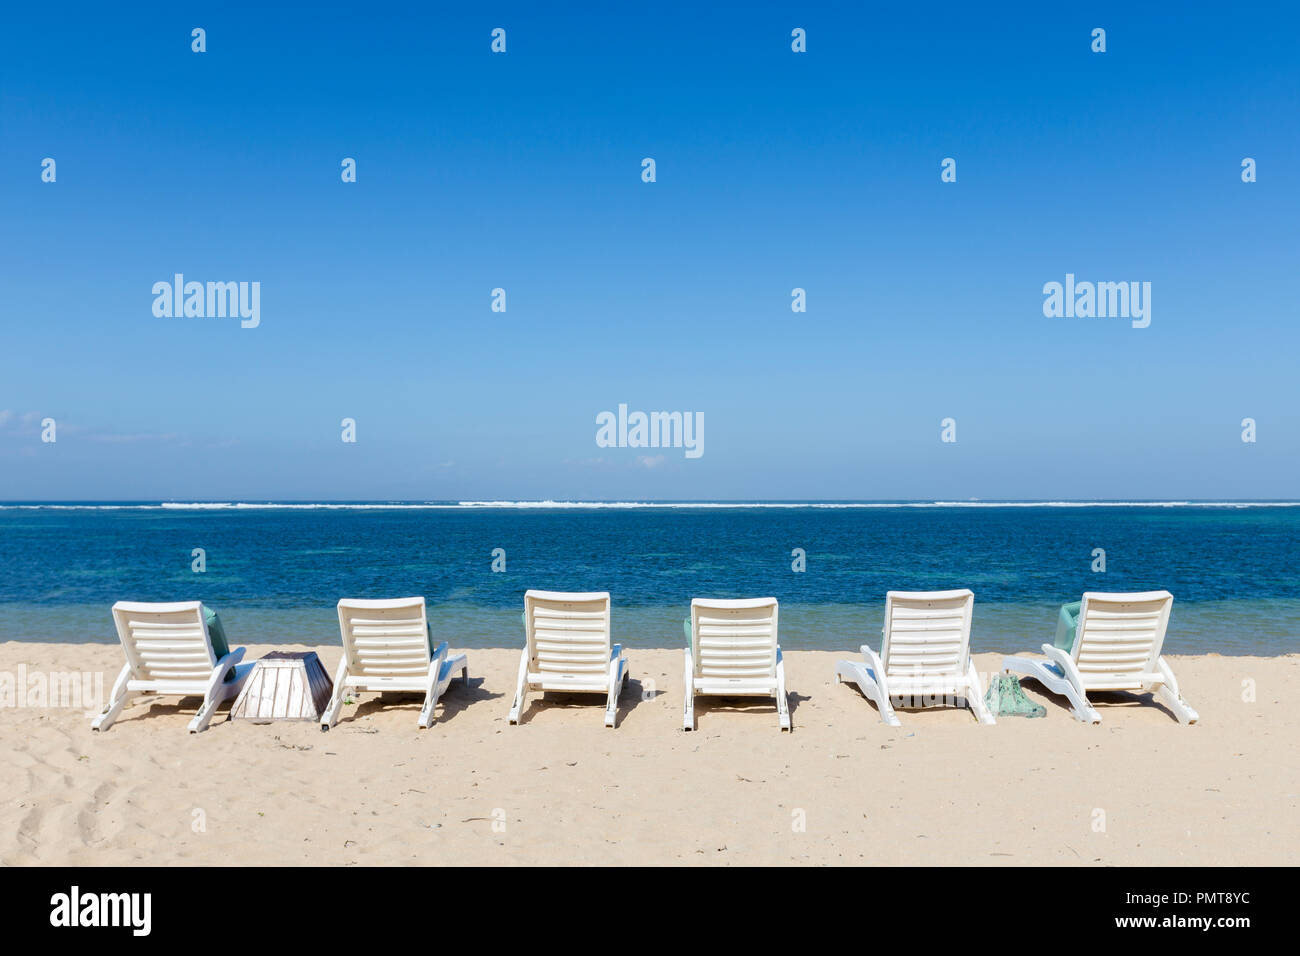 Liegestühle am Strand, Sanur, Bali, Indonesien Stockbild